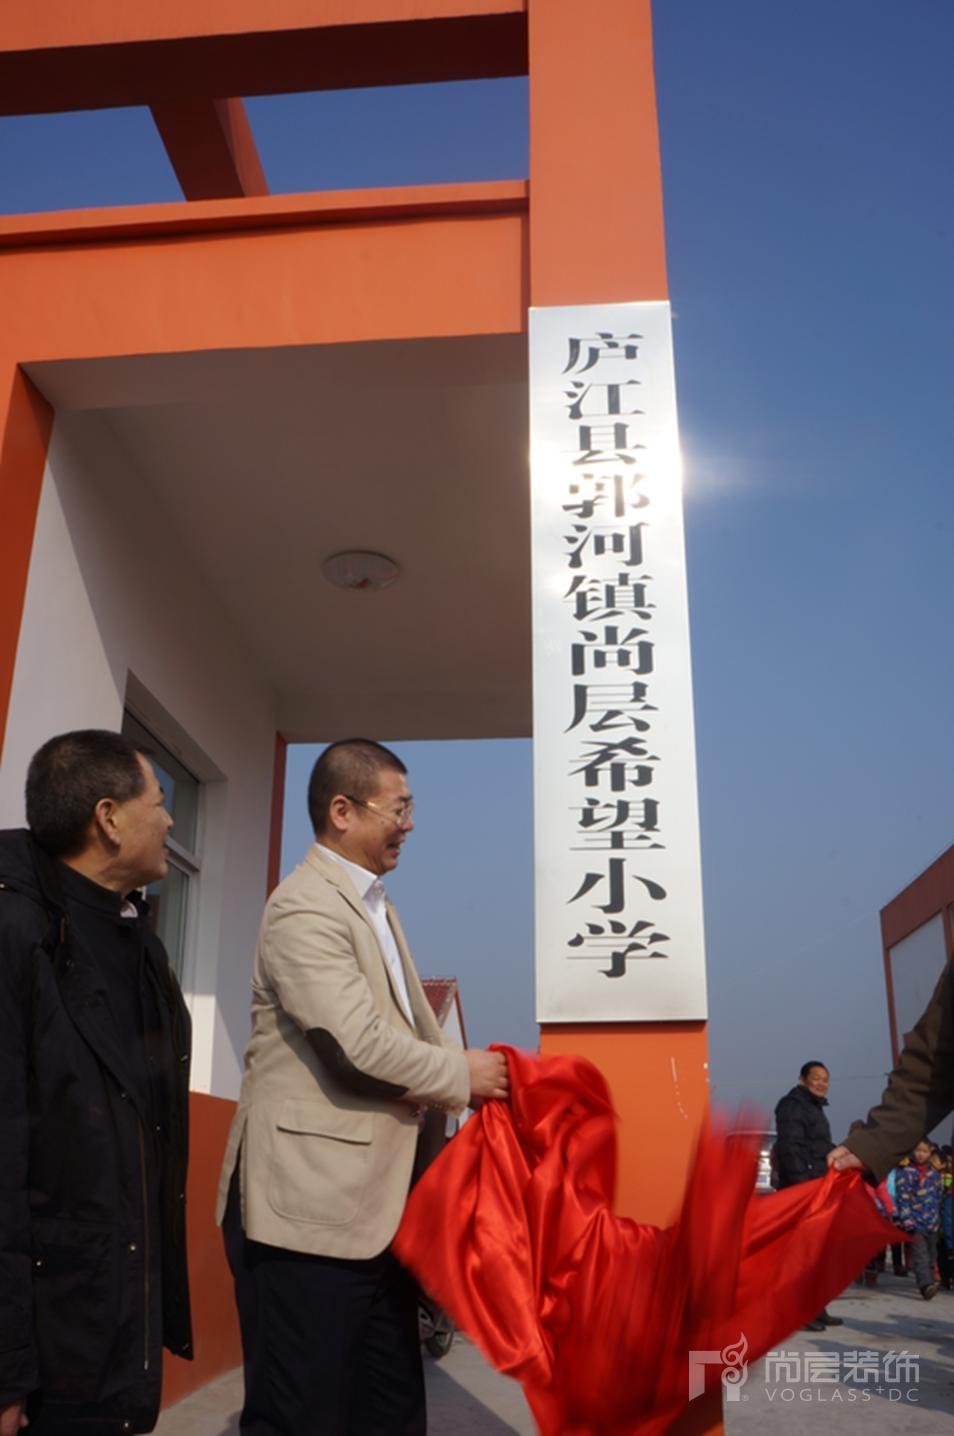 第一所尚层希望小学在安徽省庐江县落成